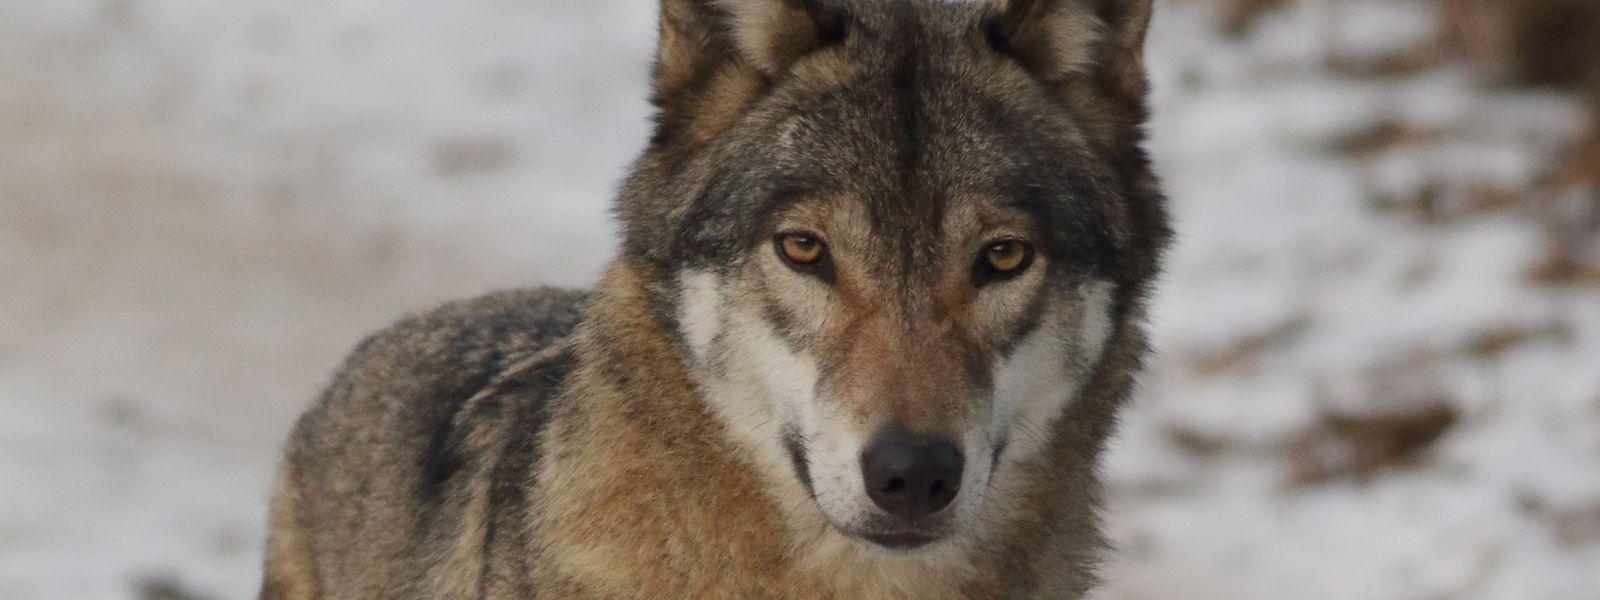 Hierzulande wird der Europäische Wolf (lat. Canis lupus lupus) möglicherweise in den kommenden Jahren wieder heimisch.